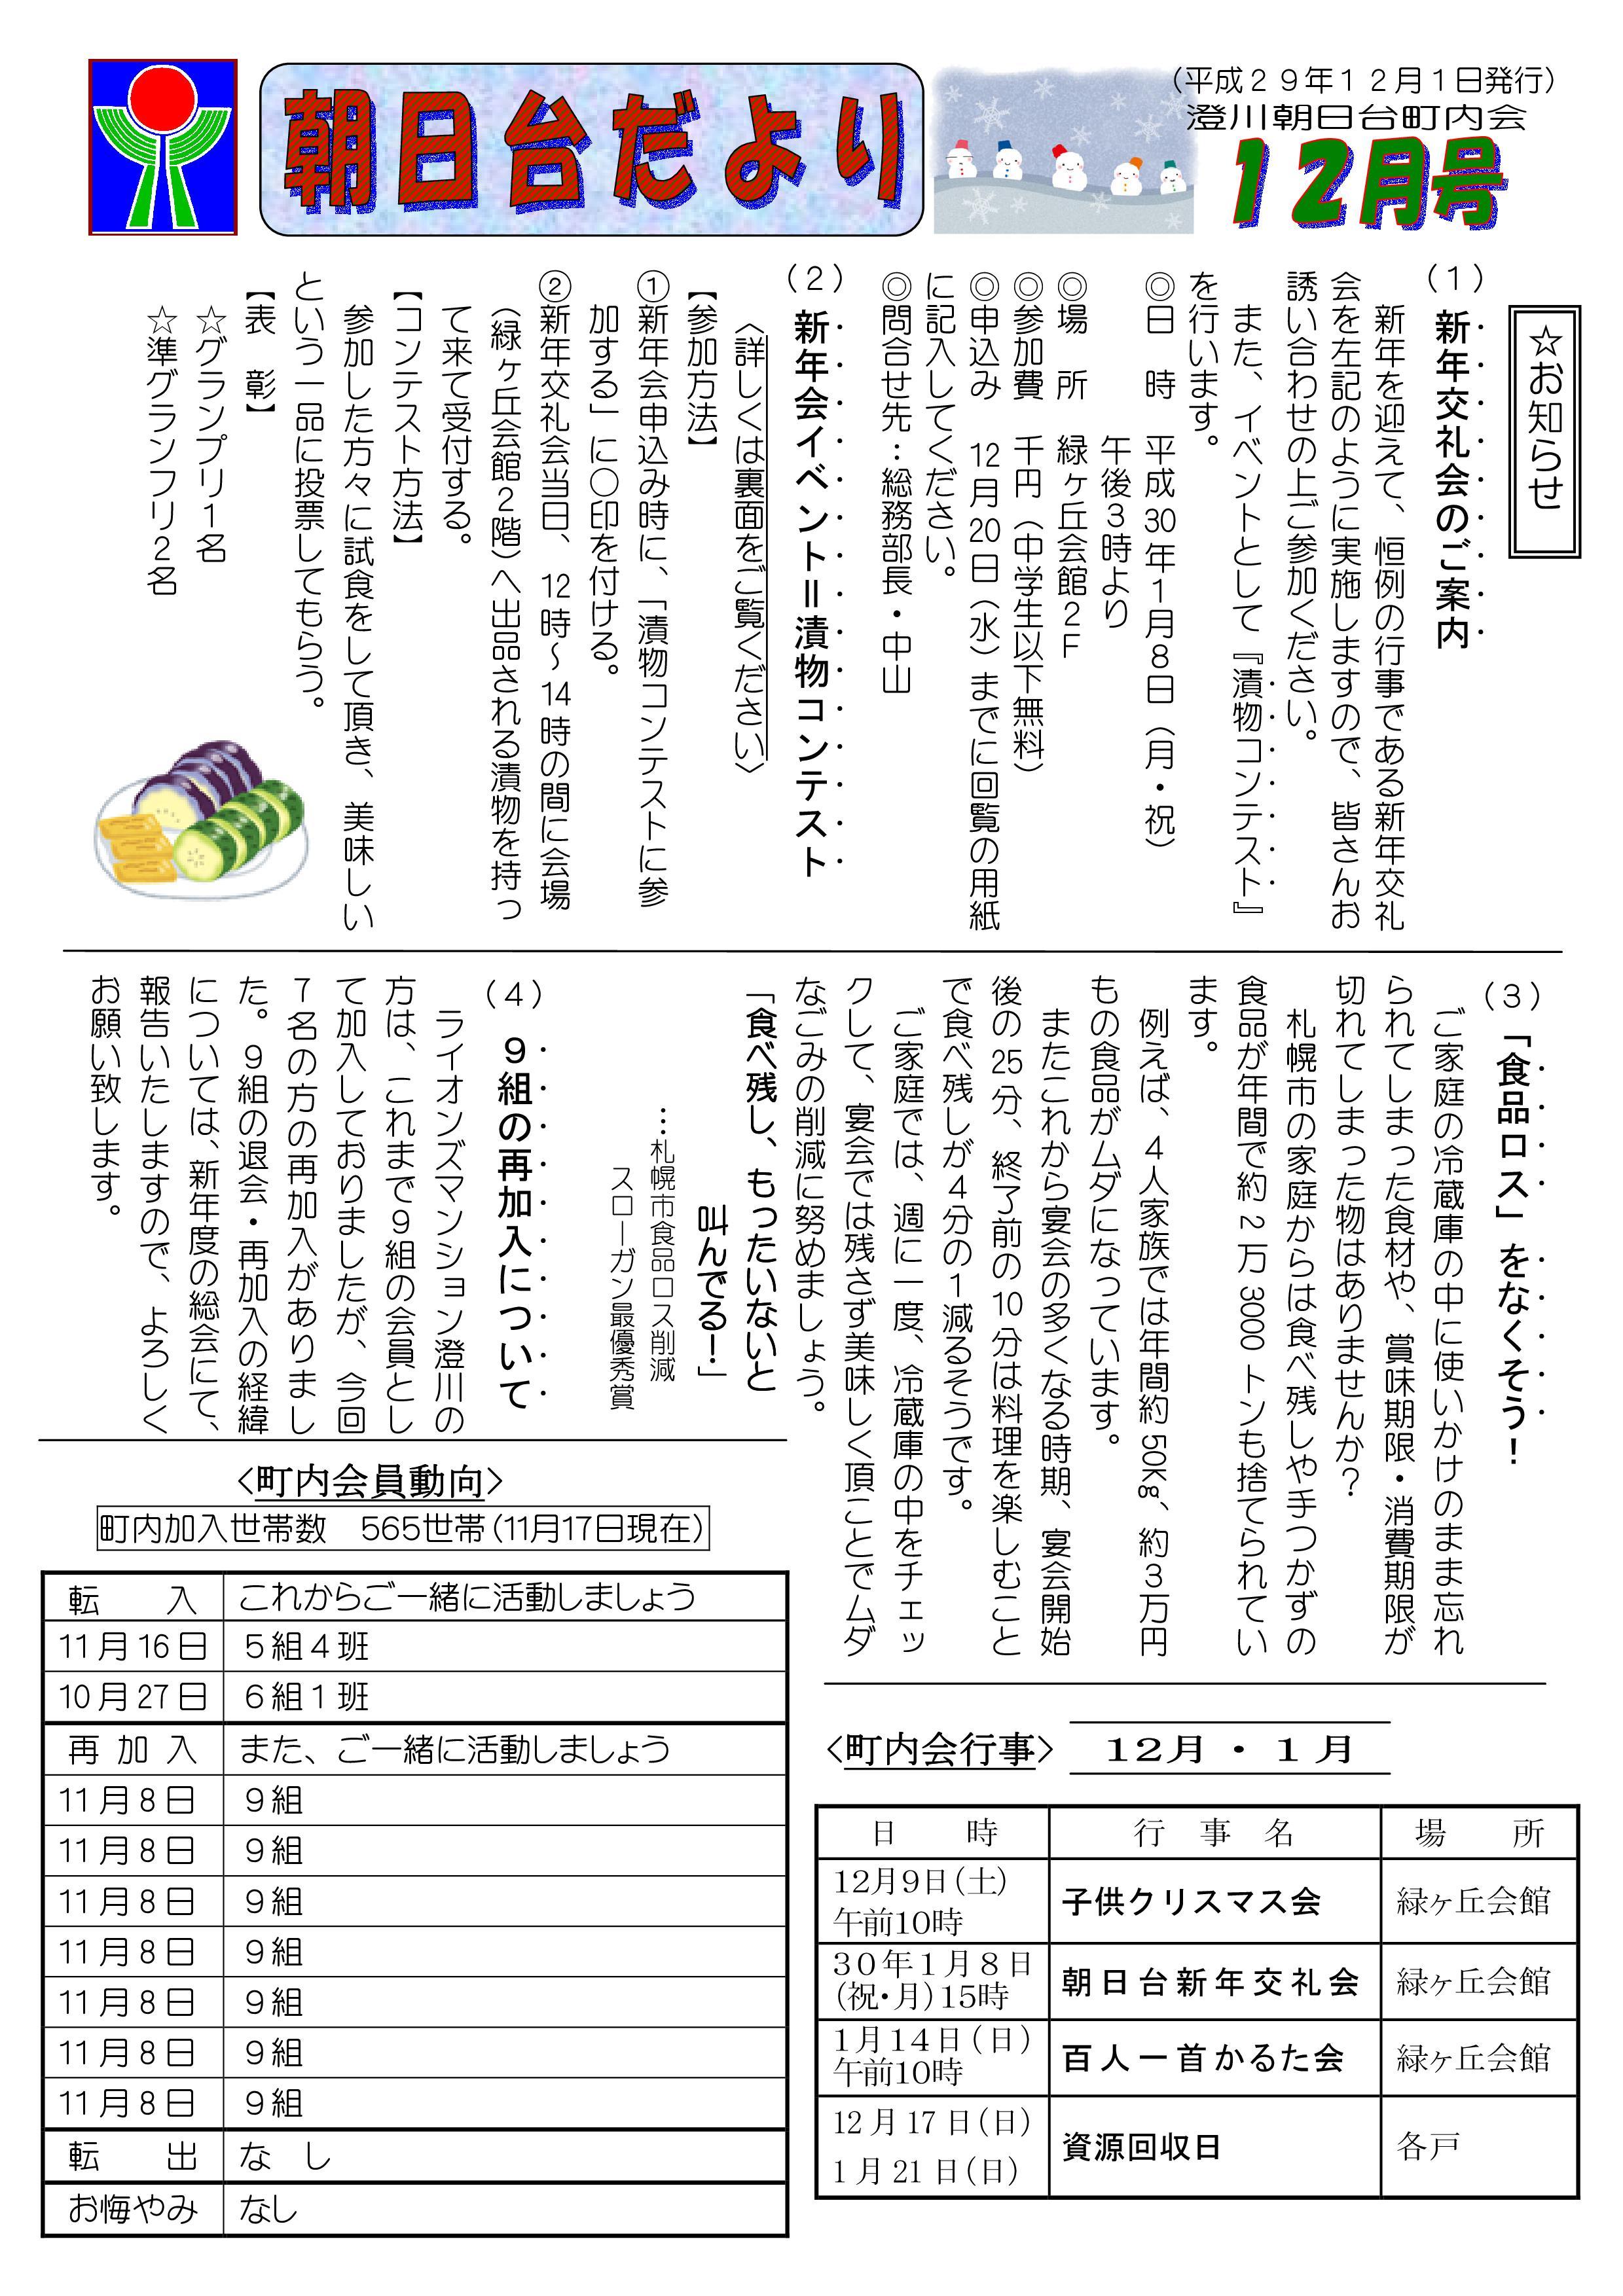 http://sumikawa.info/asahidai/29%2012%E6%9C%88%E5%8F%B7-001.jpg